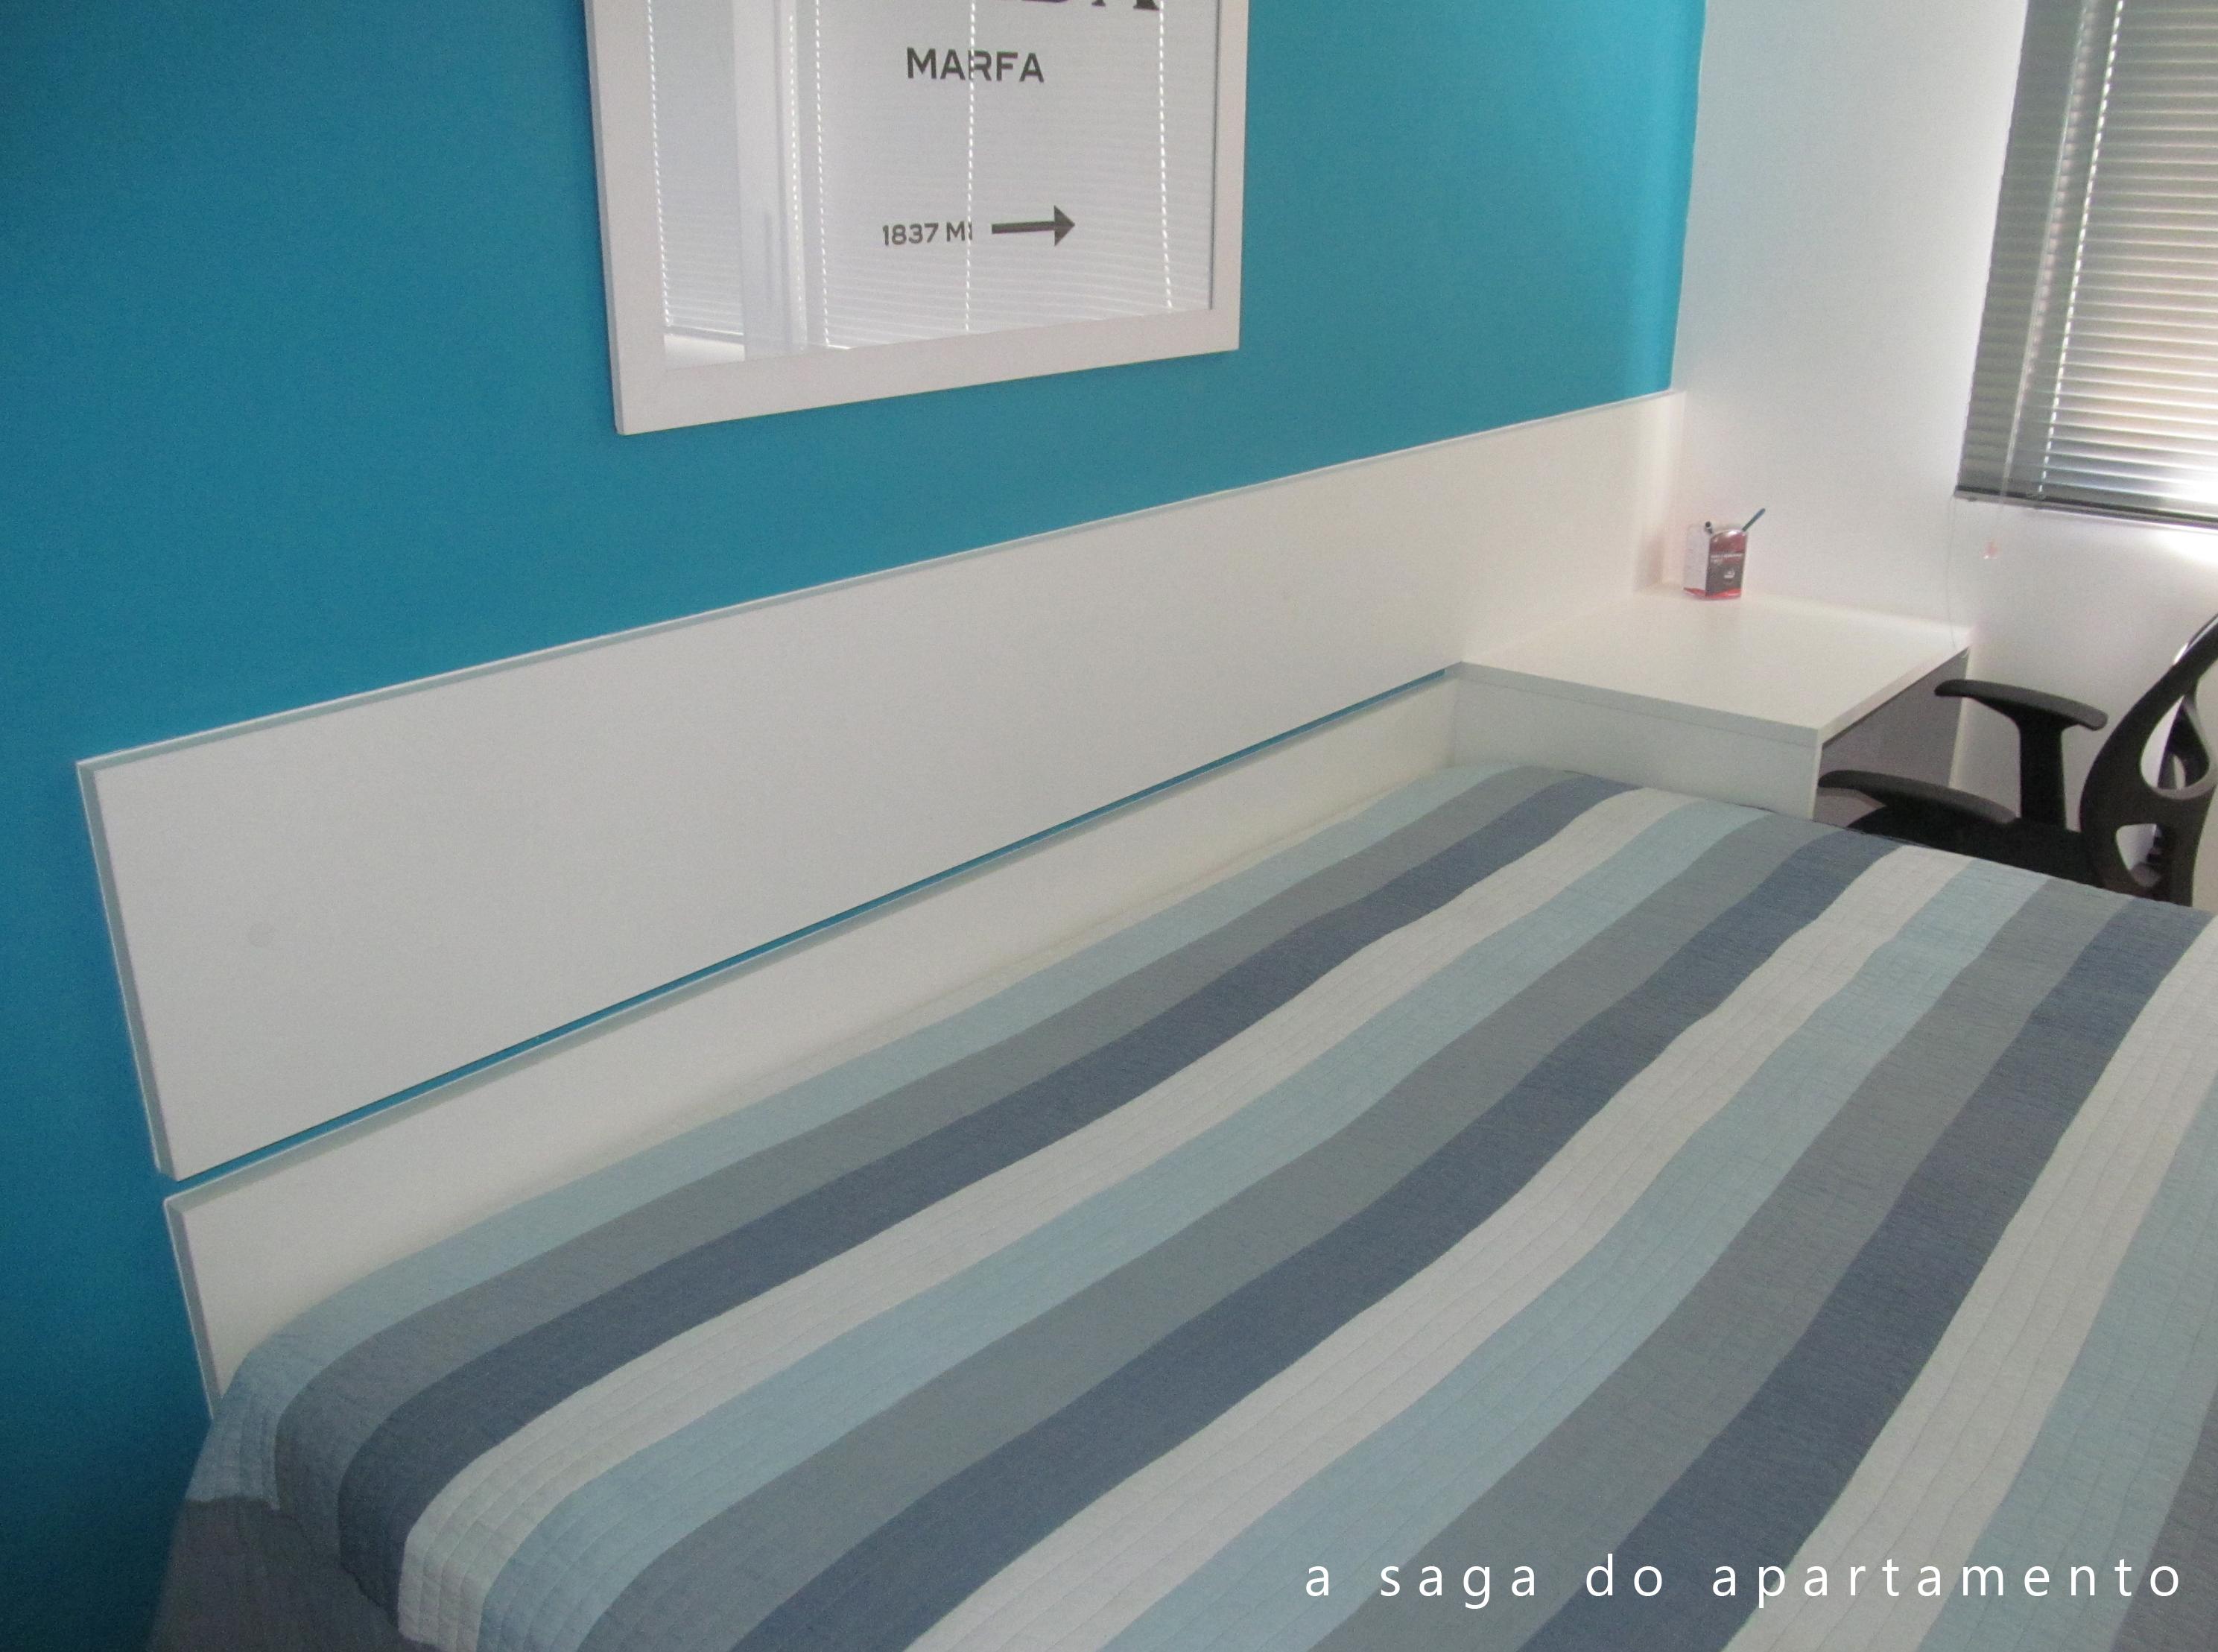 Imaginava que o contraste do azul da parede com o branco das réguas  #204E60 2977x2217